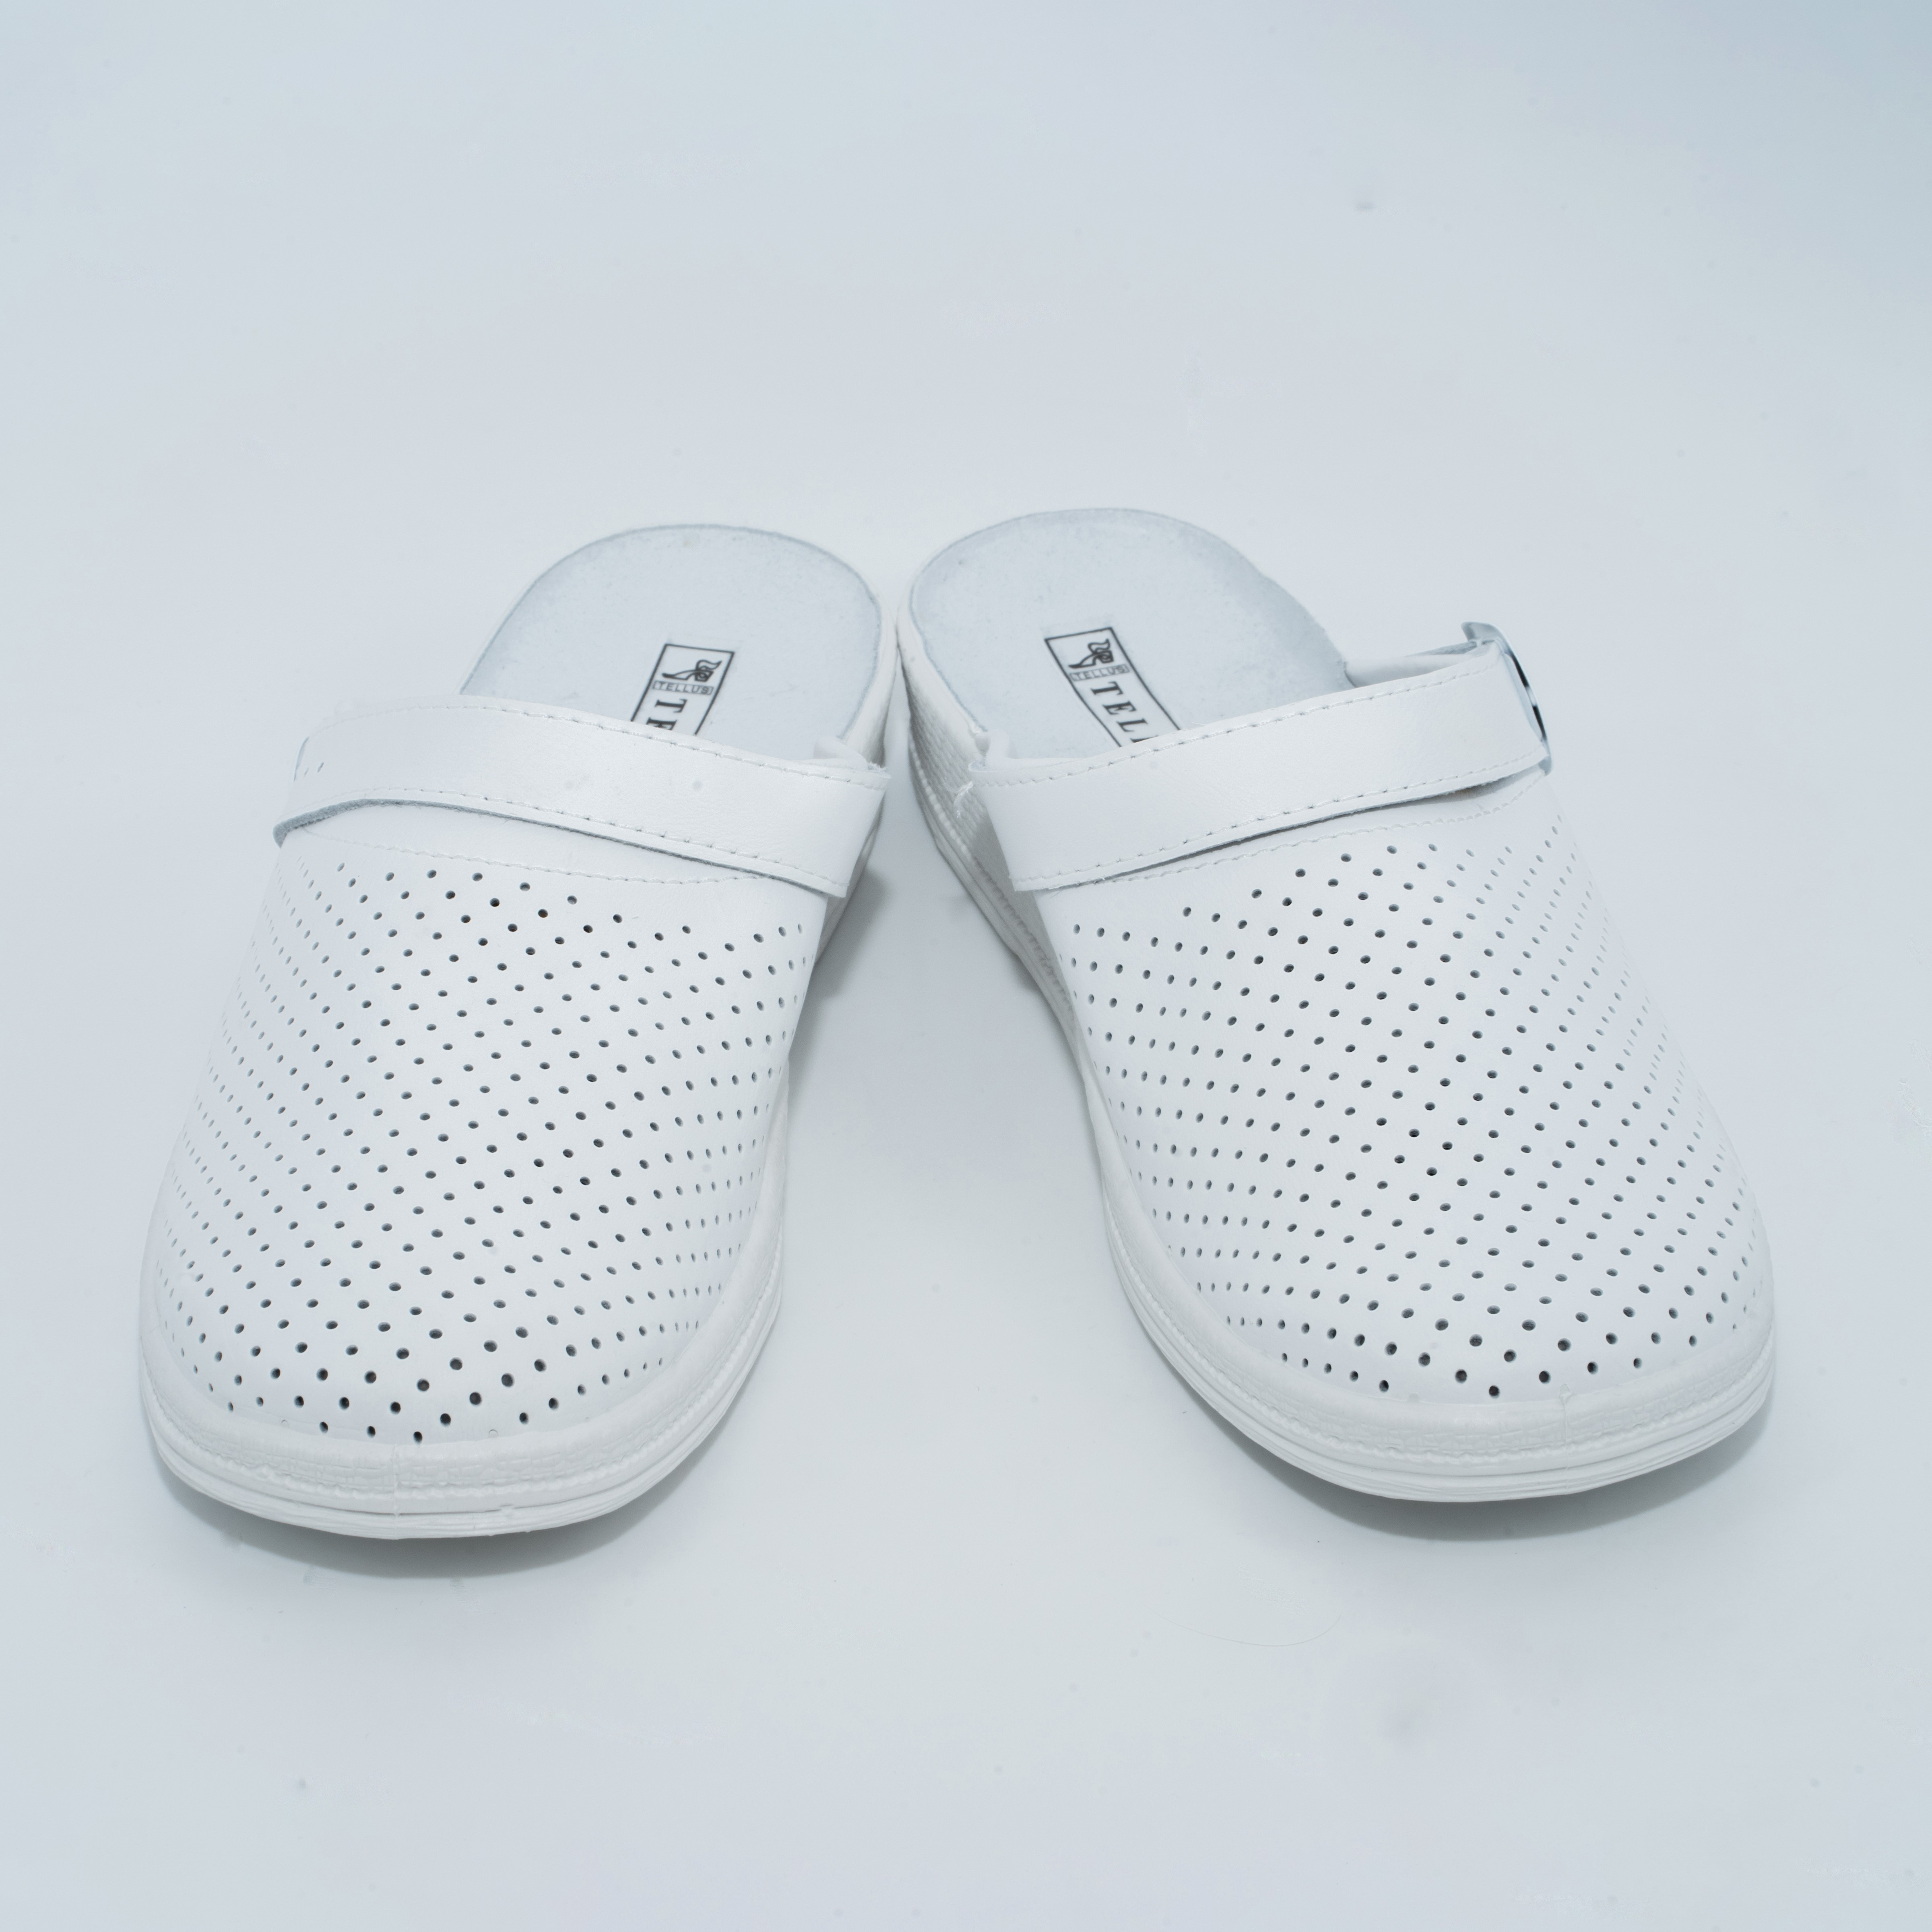 74-01 обувь женская повседневная типа Сабо с верхом из кожи на подошве ПВХ ( белый)